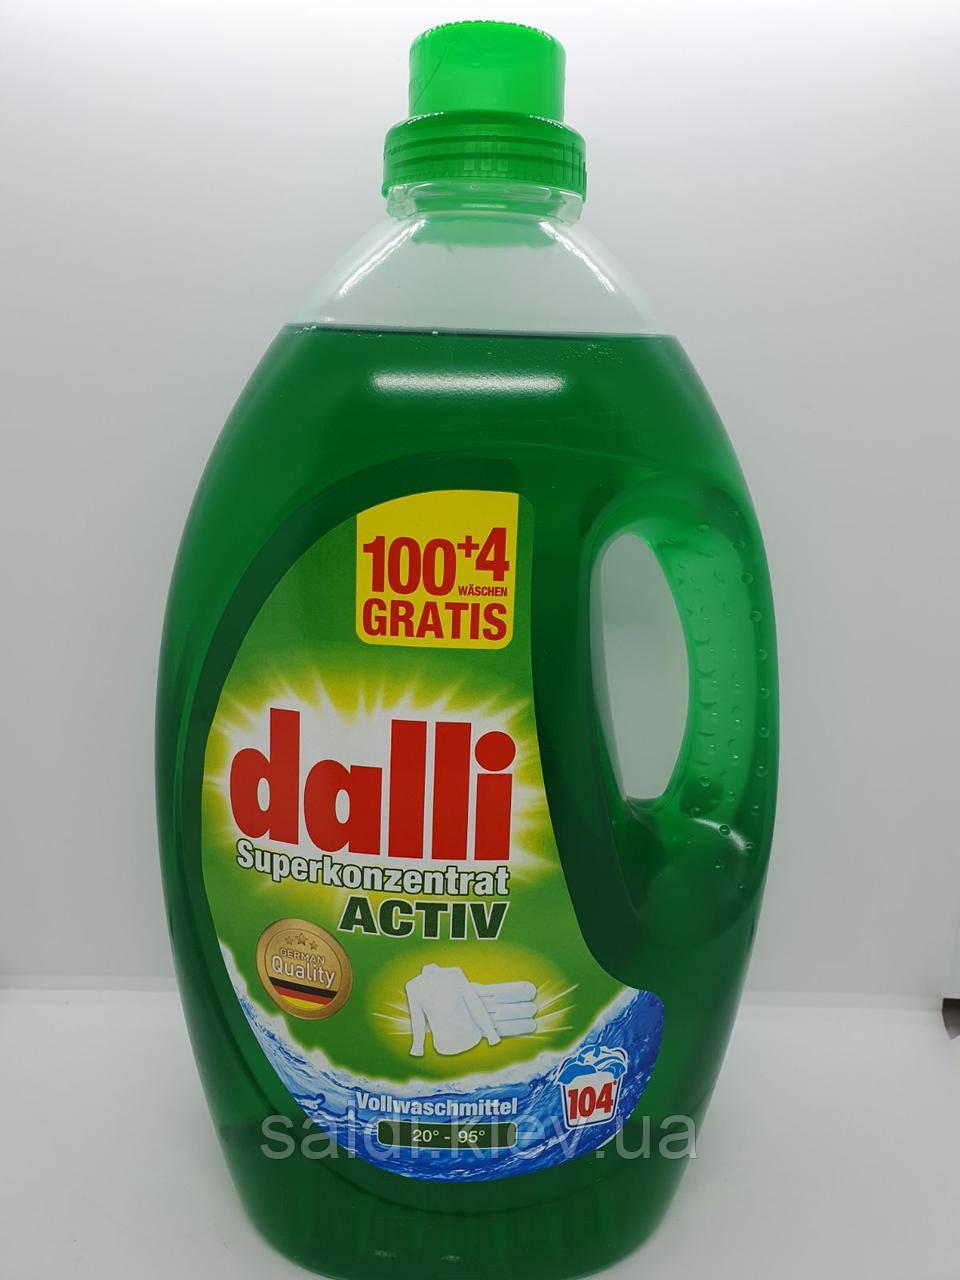 Гель для стирки для белого белья Dalli Activ суперконцентрат, 3.65 л (104 стирки)